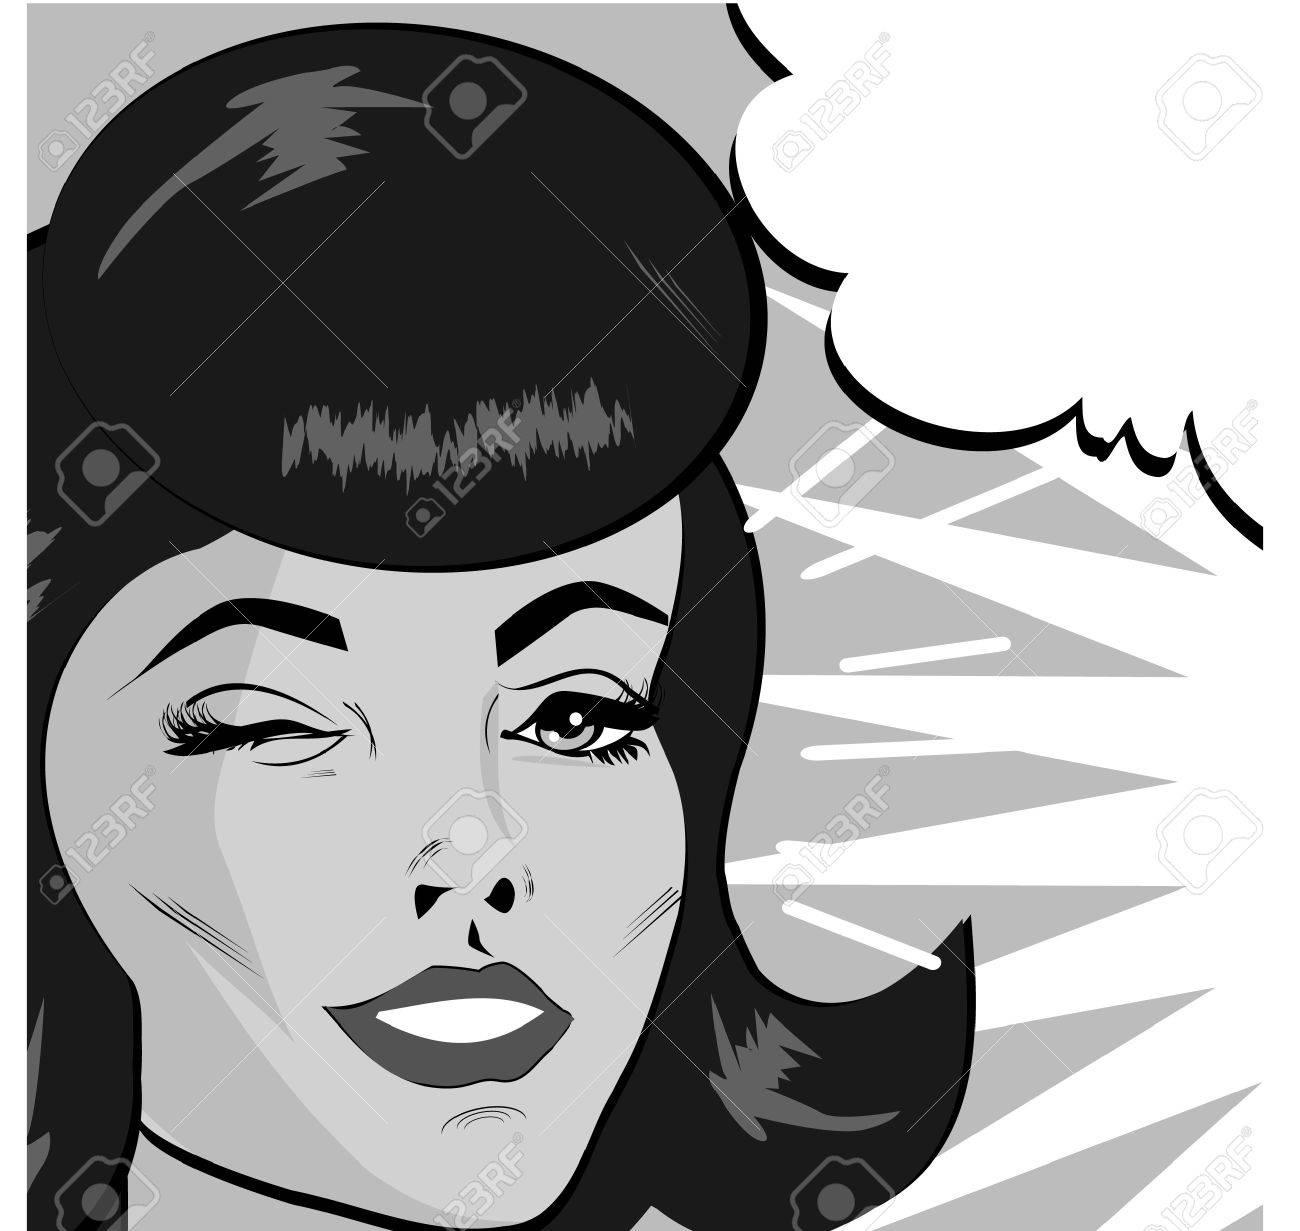 Retro Woman Winking banner - Retro Clip Art comics style Stock Vector - 15770303